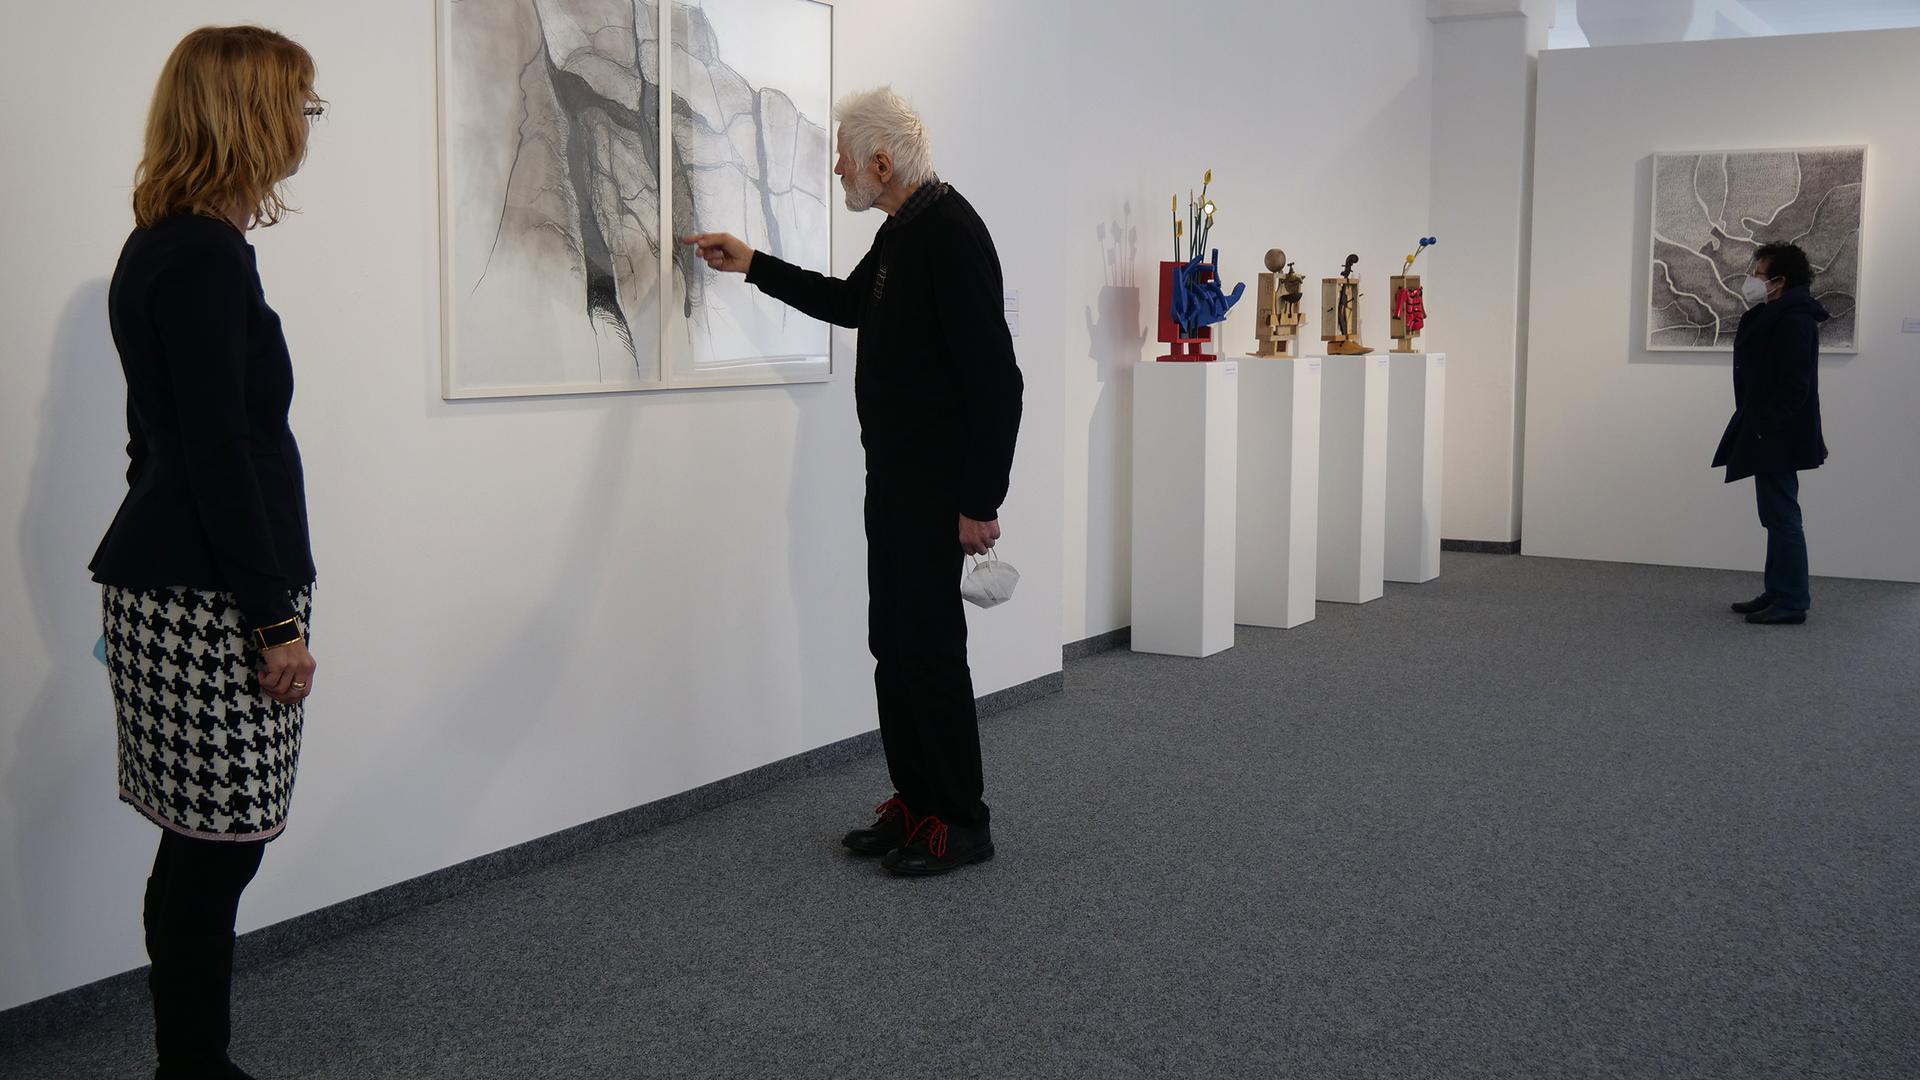 Angelika Drescher, Fero Freymark und seine Frau Ute Pohl  (von links) freuen sich auf Besucher in der Pforzheim Galerie